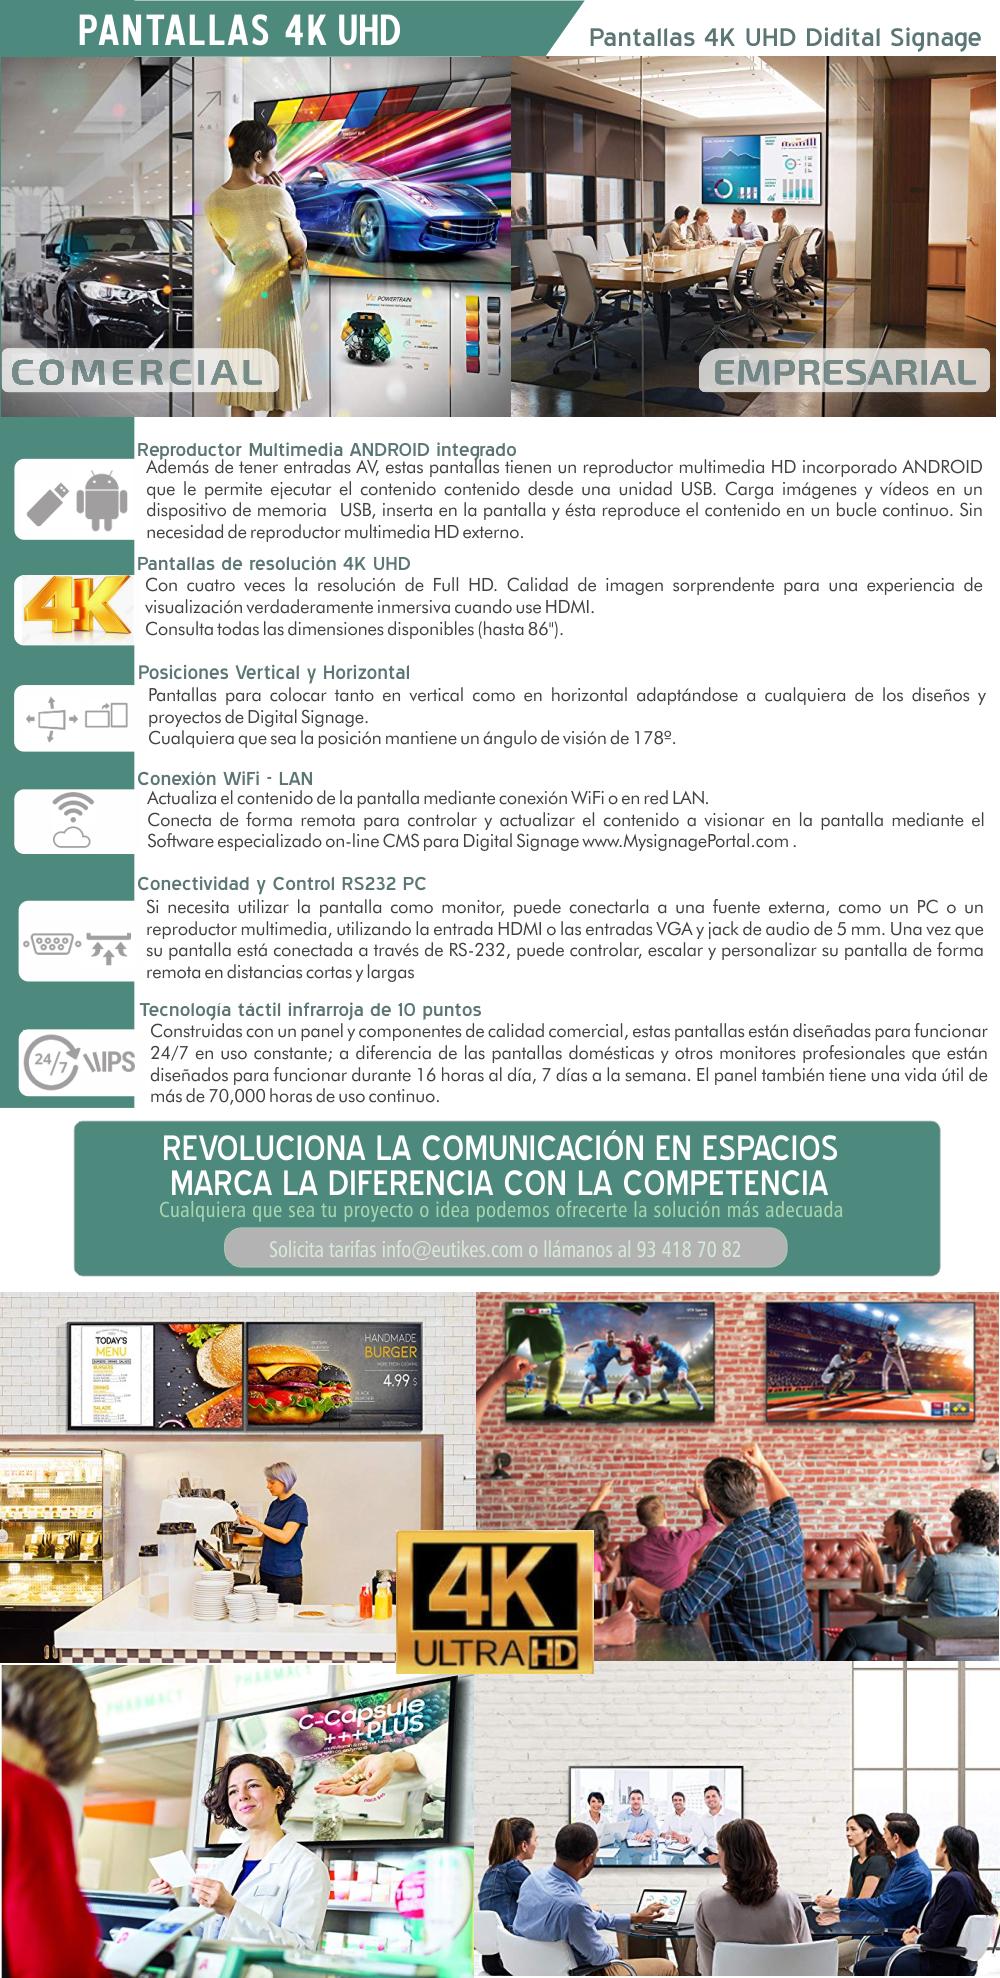 EUTIKES - Pantallas 4KUHD para Digital Signage